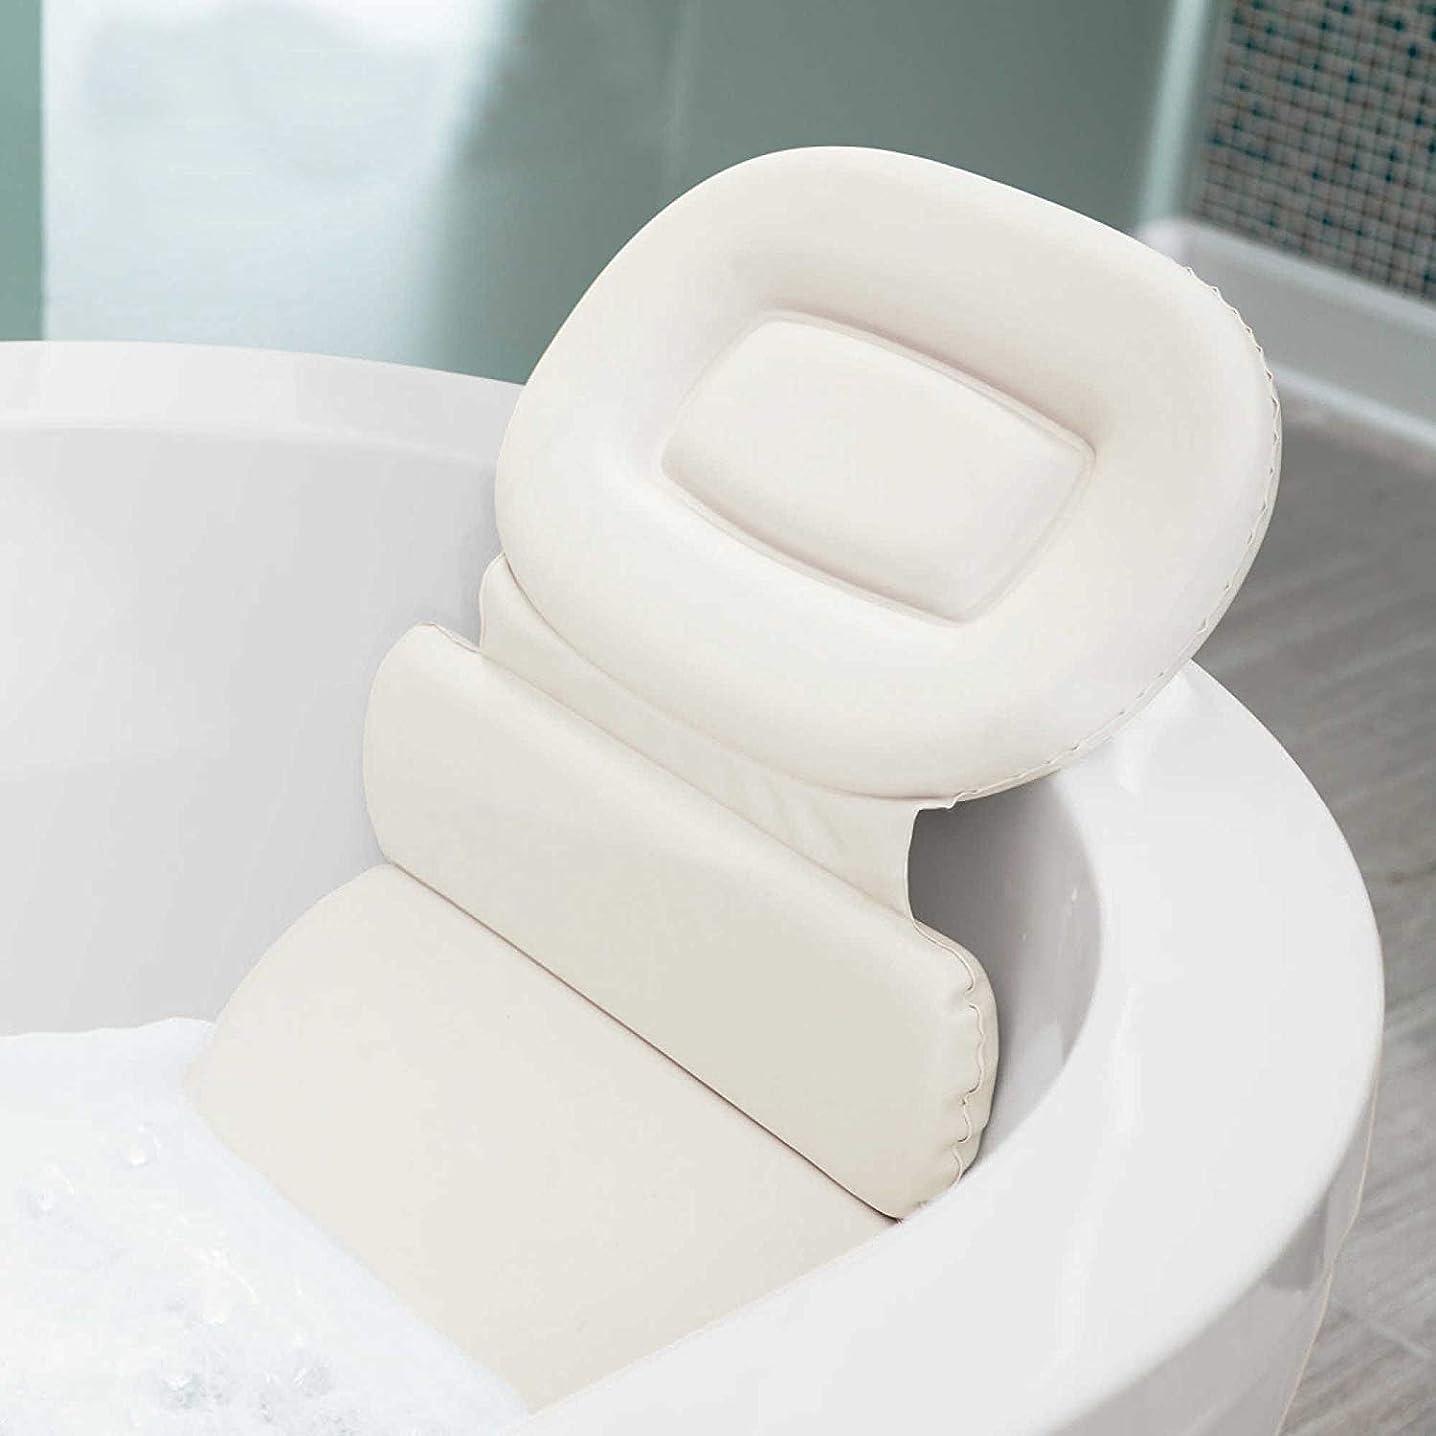 ベギン塗抹バレーボールOSVINO 防水 低刺激性 PU スパ バスピロー ヘッドレスト ネックショルダー サポート バスタブ バッククッション 7つの吸盤付き 15